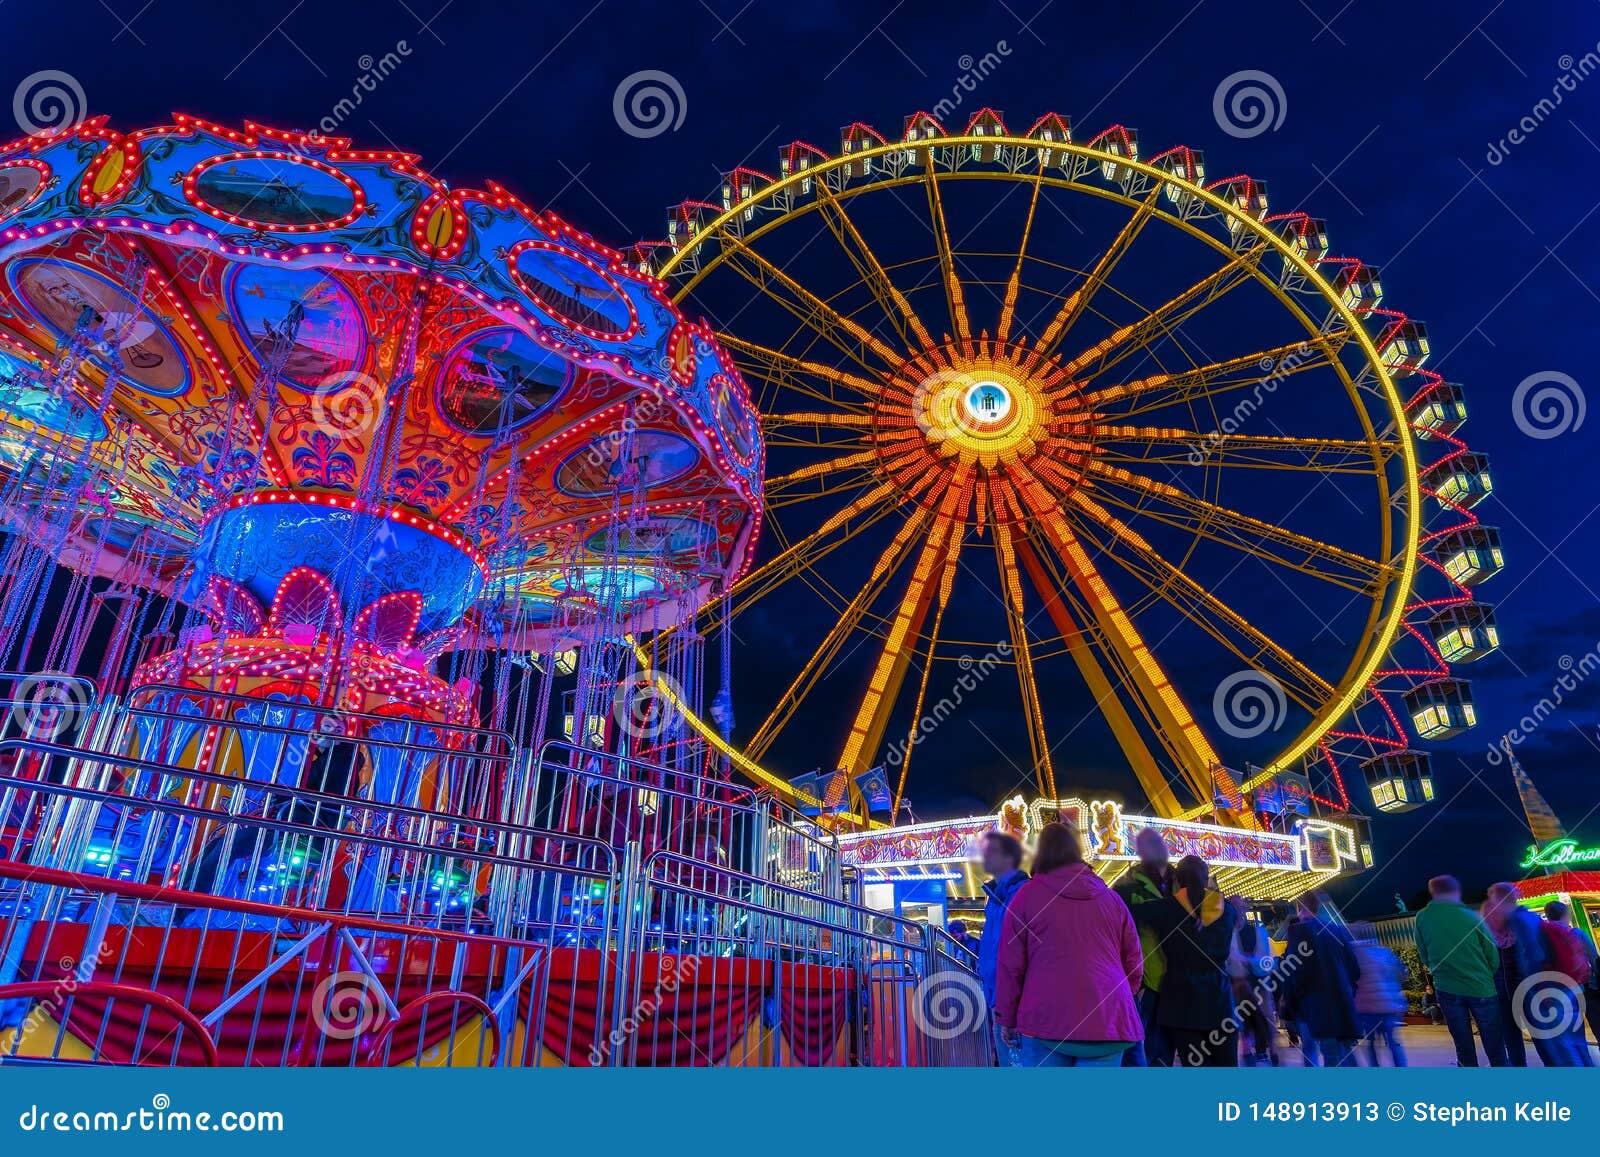 Fr?hlingsfest in M?nchen an der blauen Stunde mit einem erleichterten Riesenrad und einem Ketten-carusel